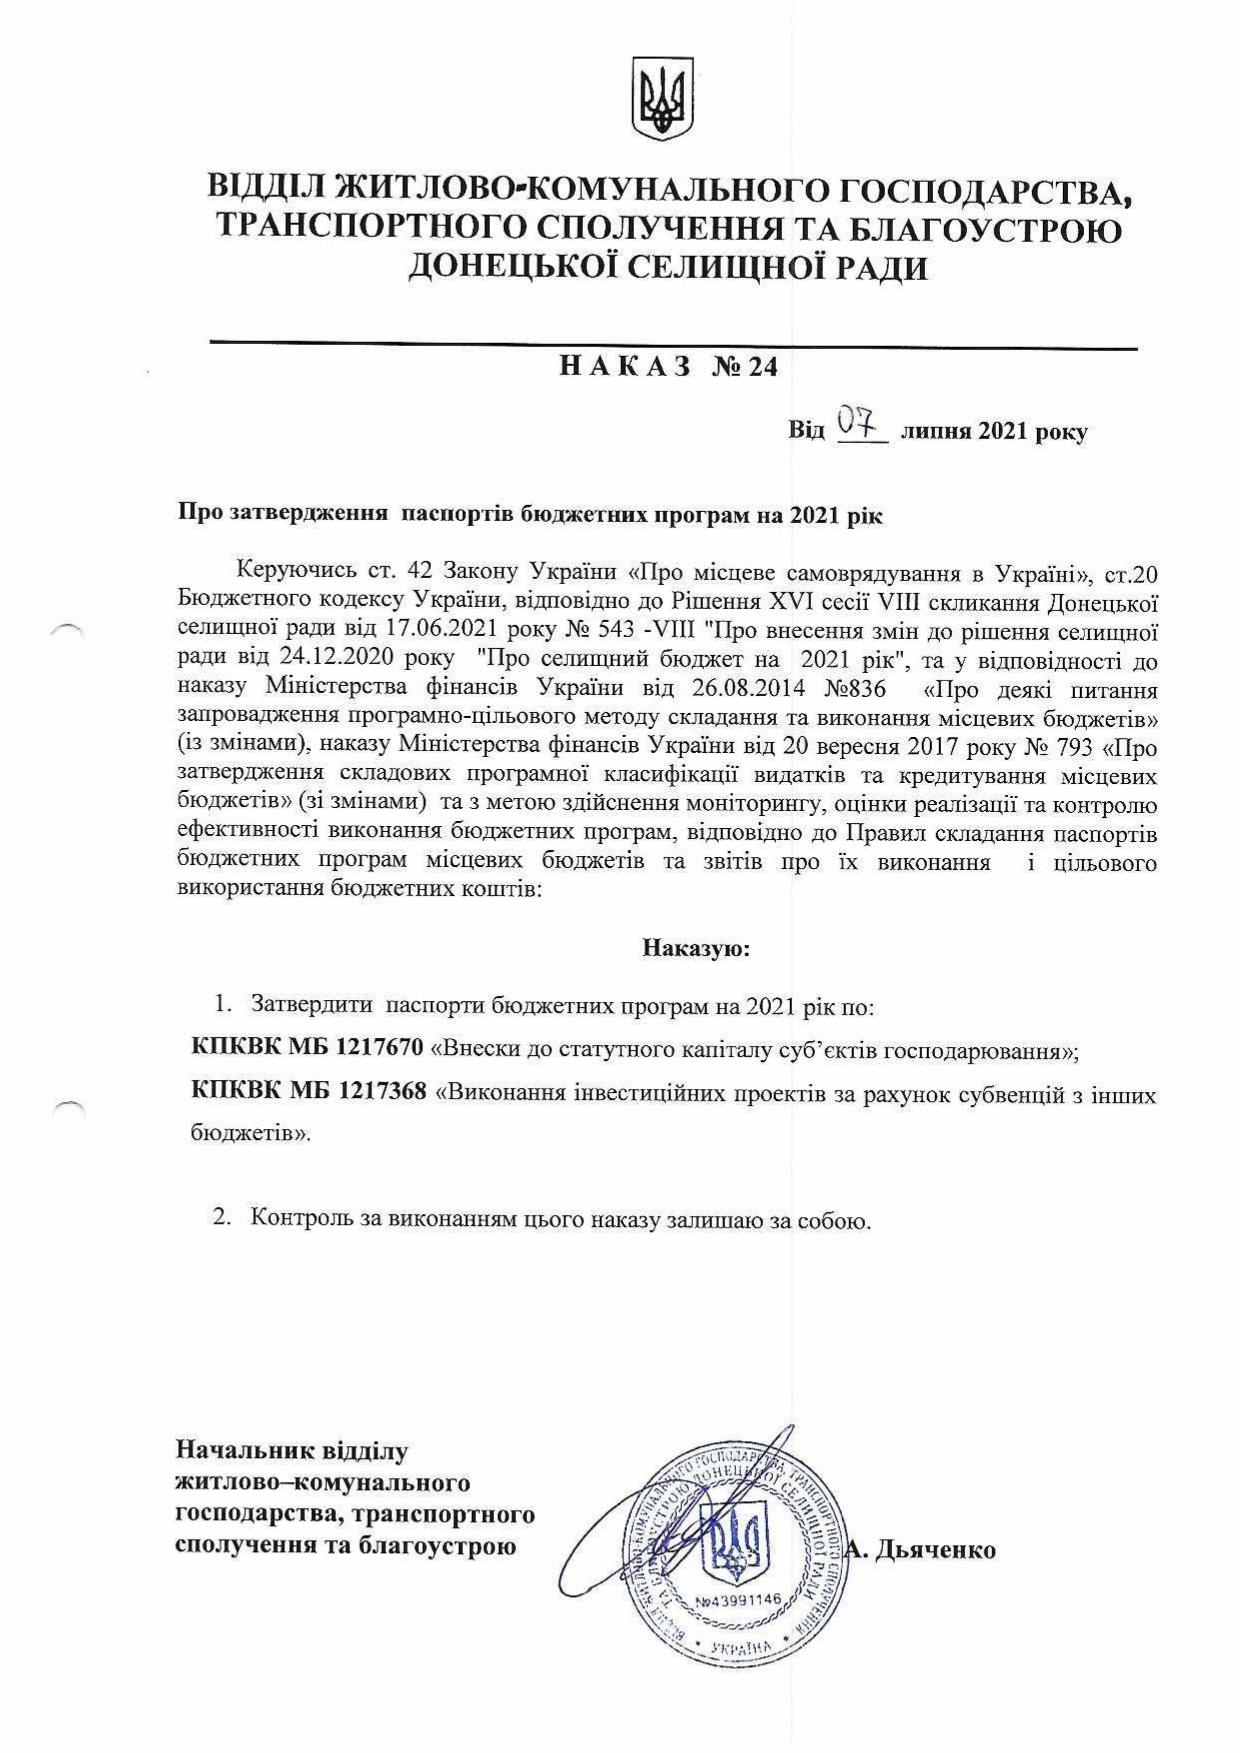 Наказ №24 Про затвердження паспортів бюджетних програм на 2021 рік